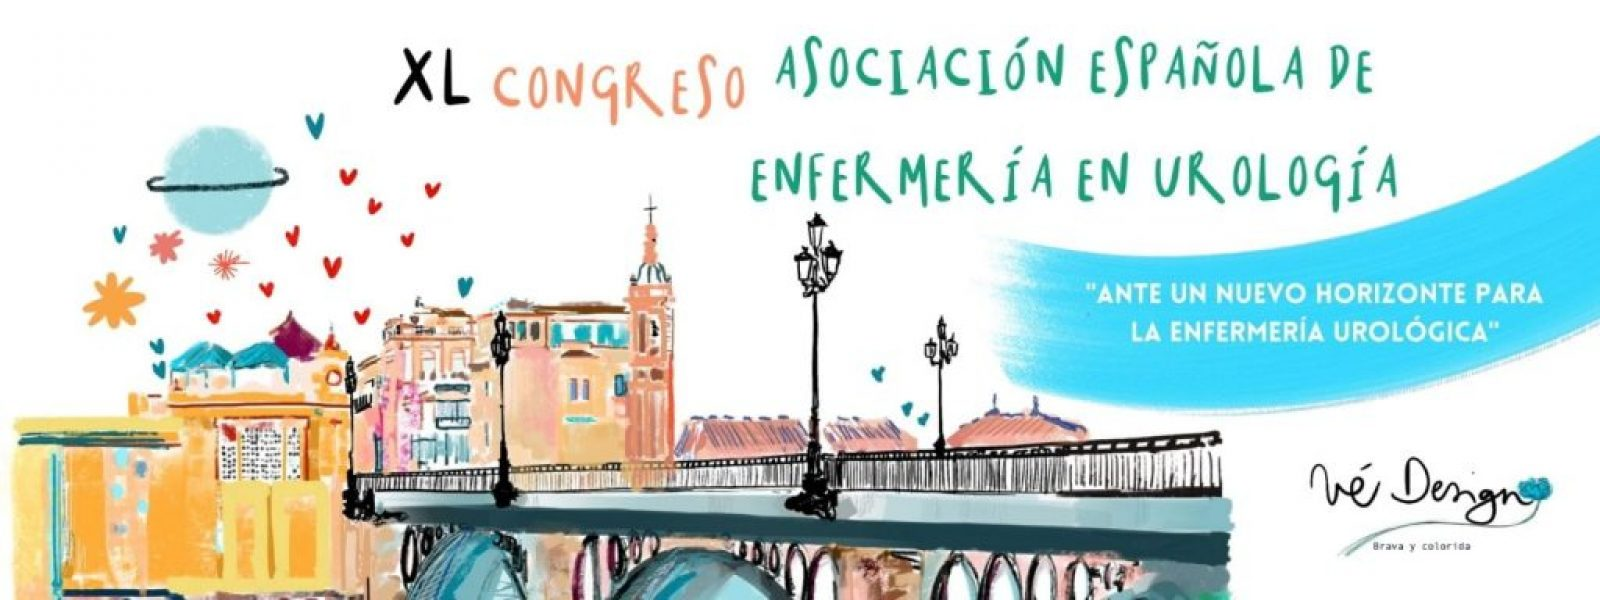 La experiencia con el branding para el XL Congreso A.E.E.U